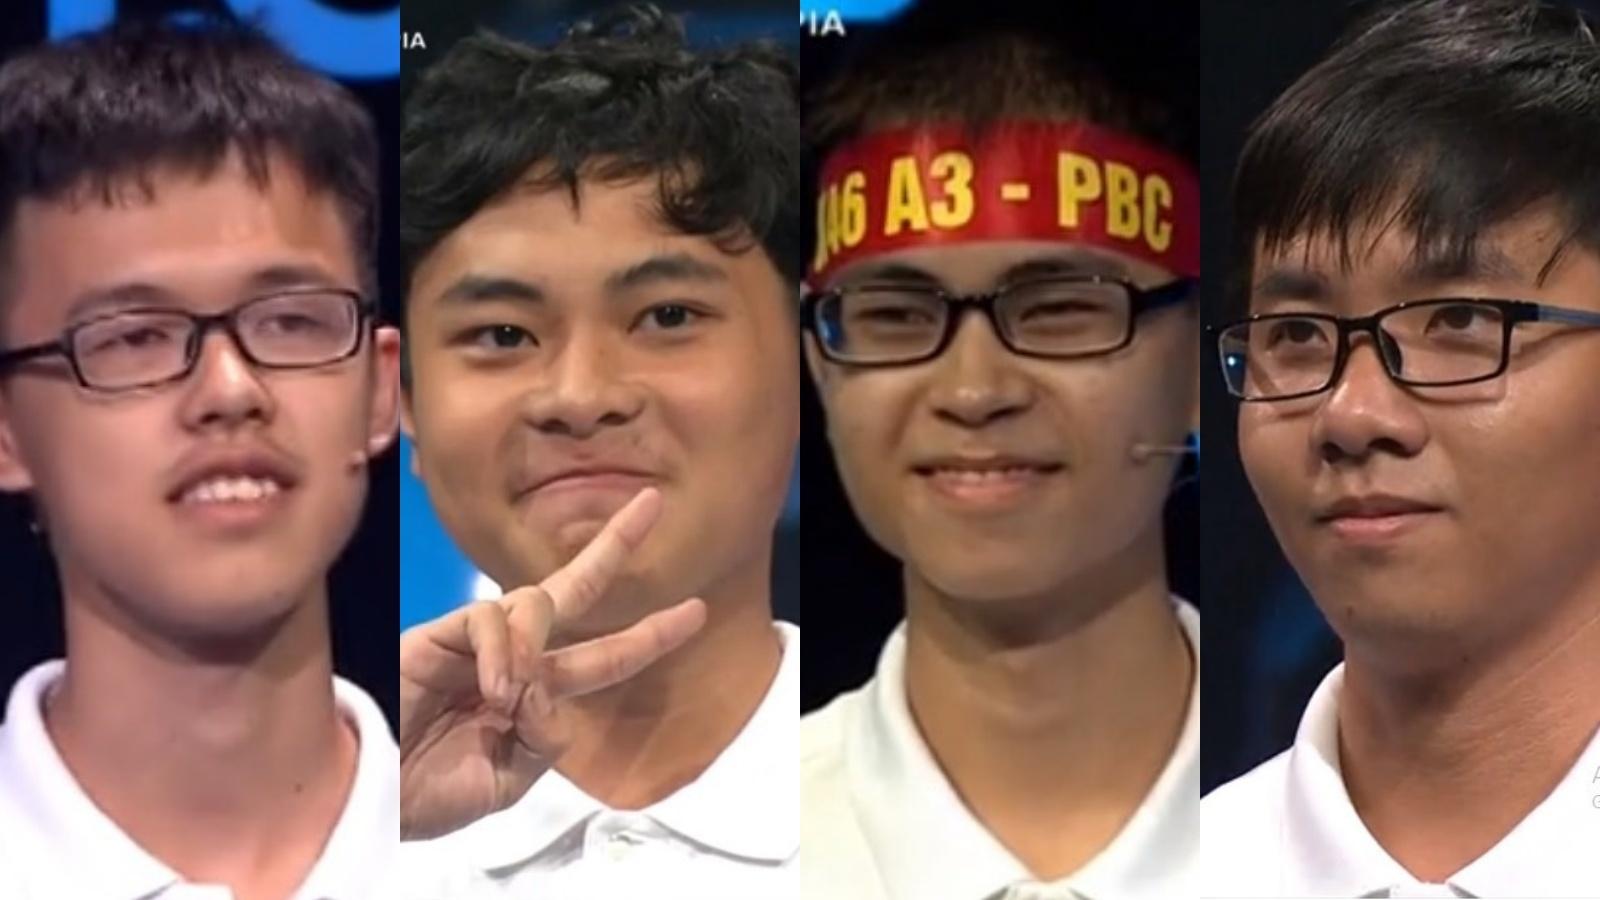 4 nam sinh dự thi chung kết Đường lên đỉnh Olympia năm 2019 là ai?